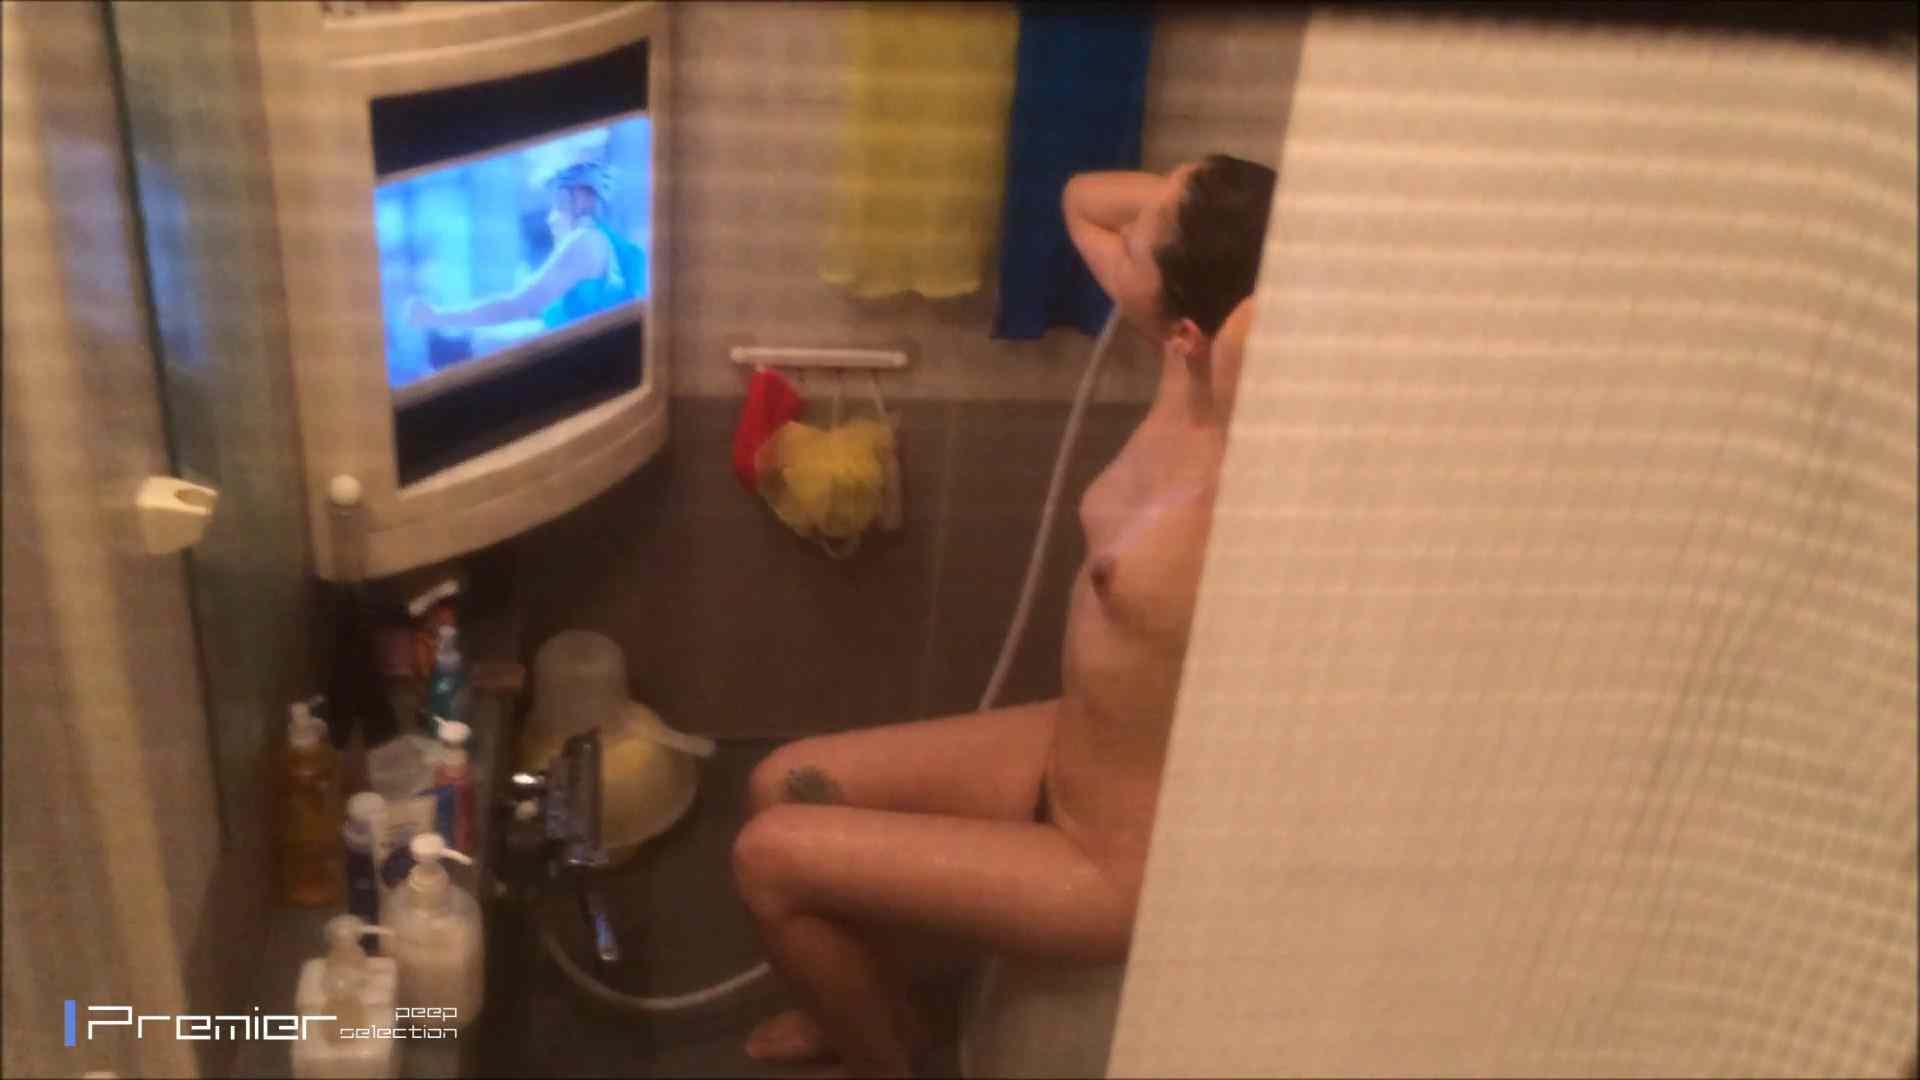 美女のテレビを見ながらの入浴 乙女の風呂場 Vol.21 美乳 セックス画像 111画像 6